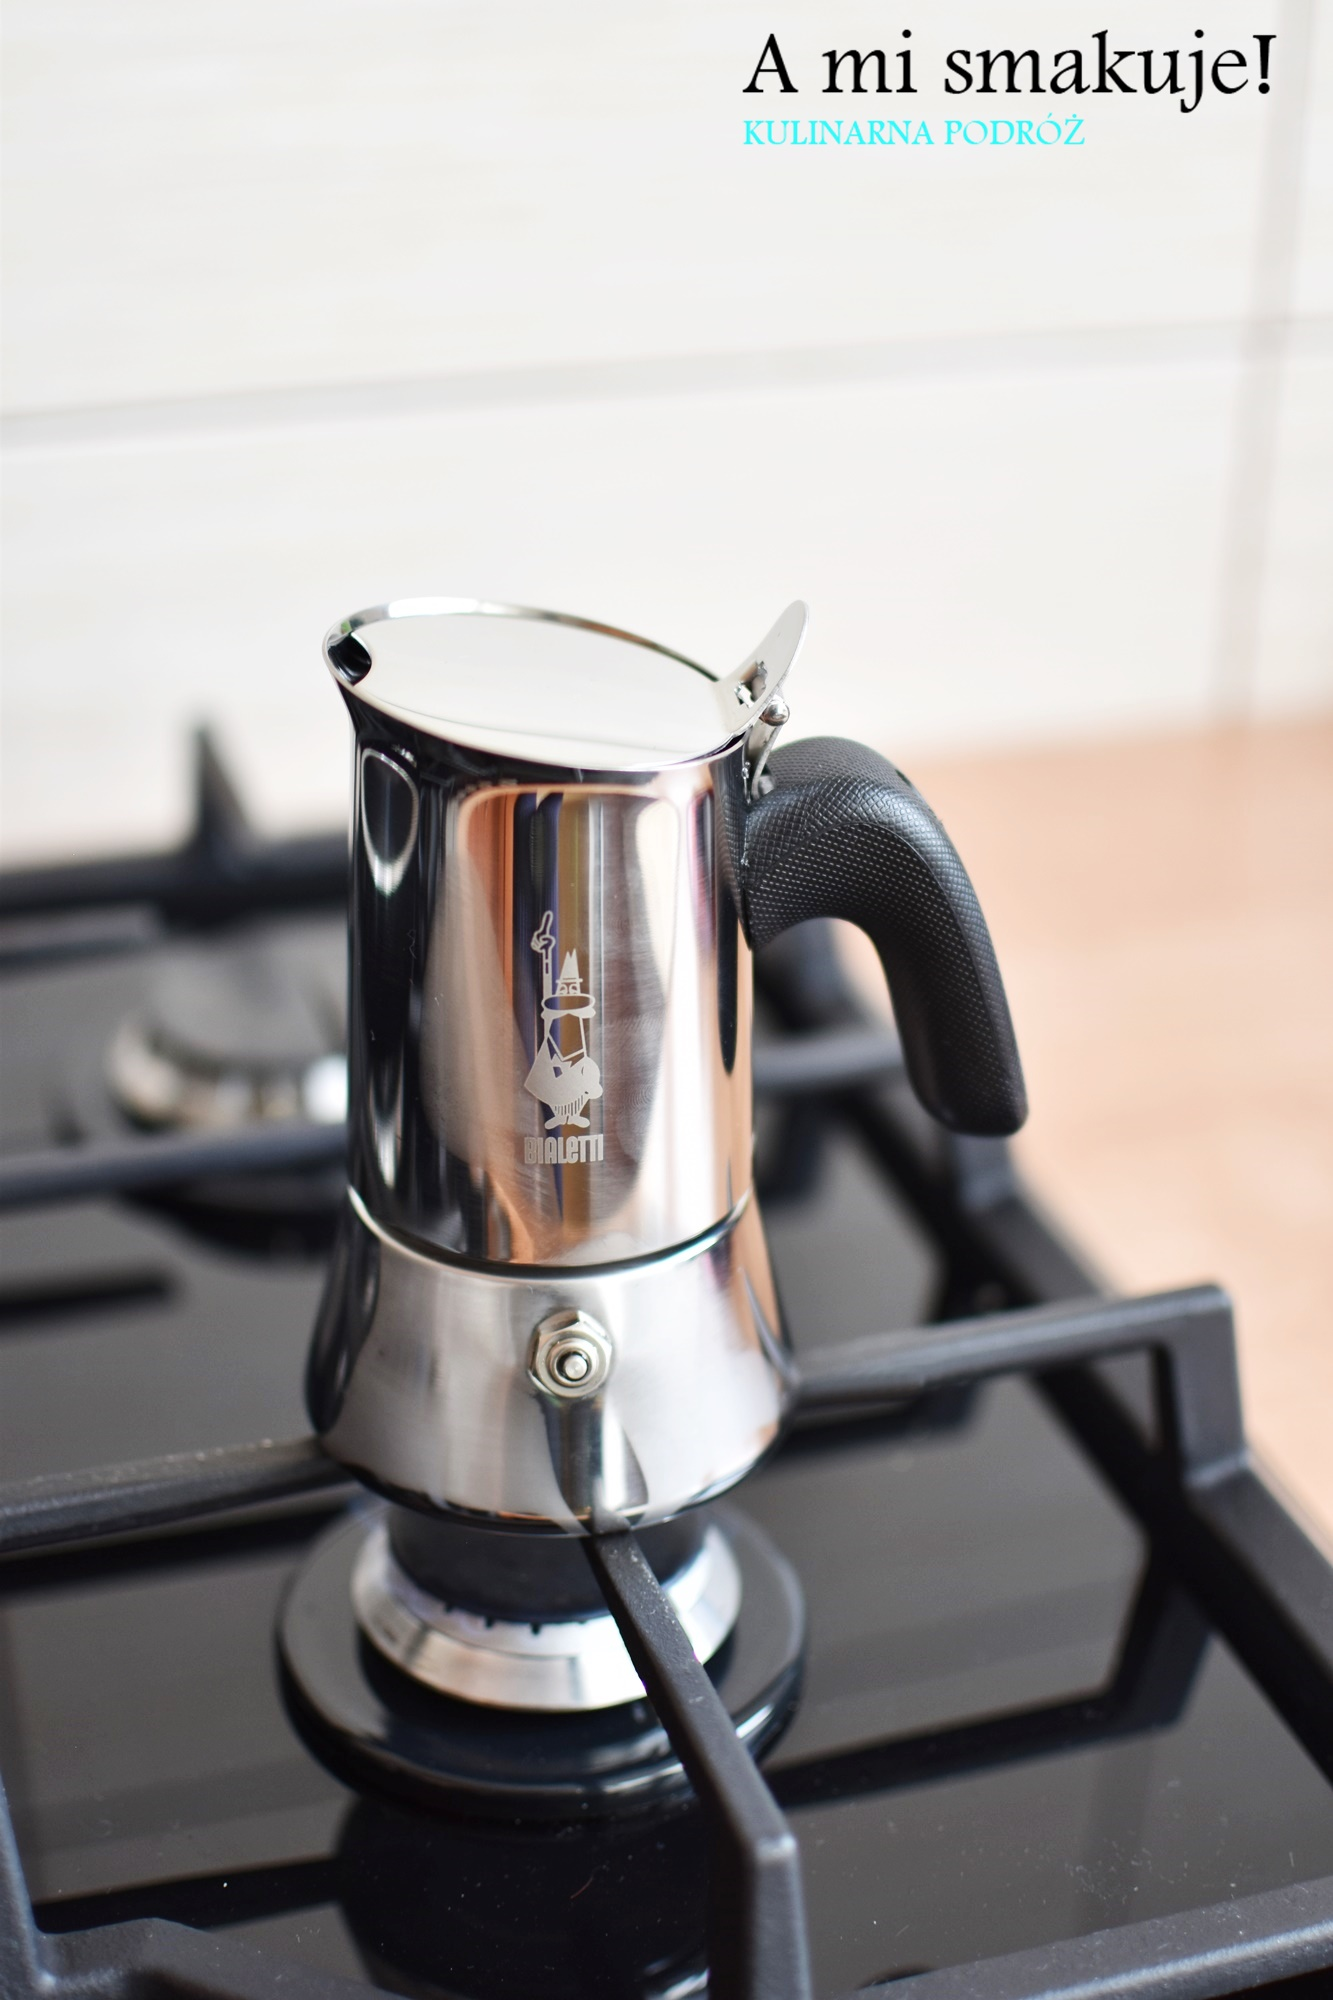 Kawiarka - jak używać?